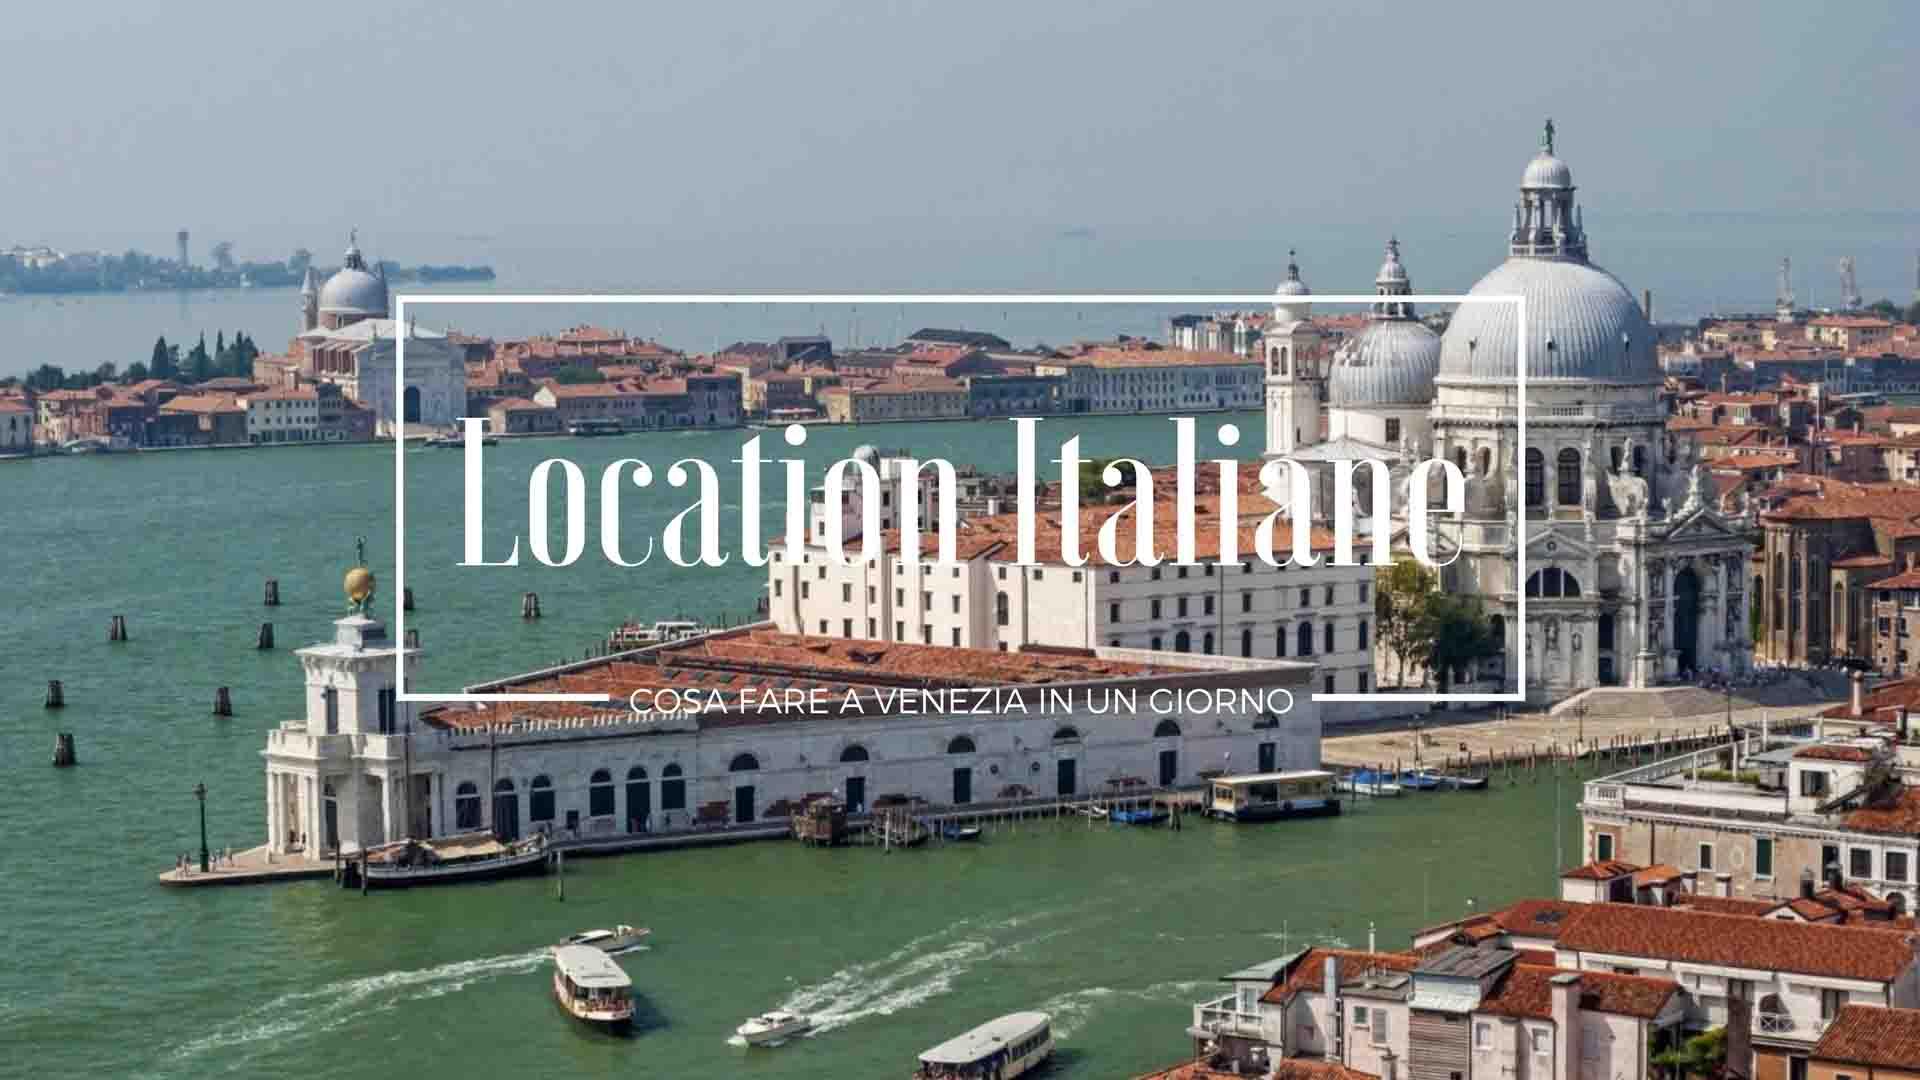 Cosa fare a Venezia in un giorno